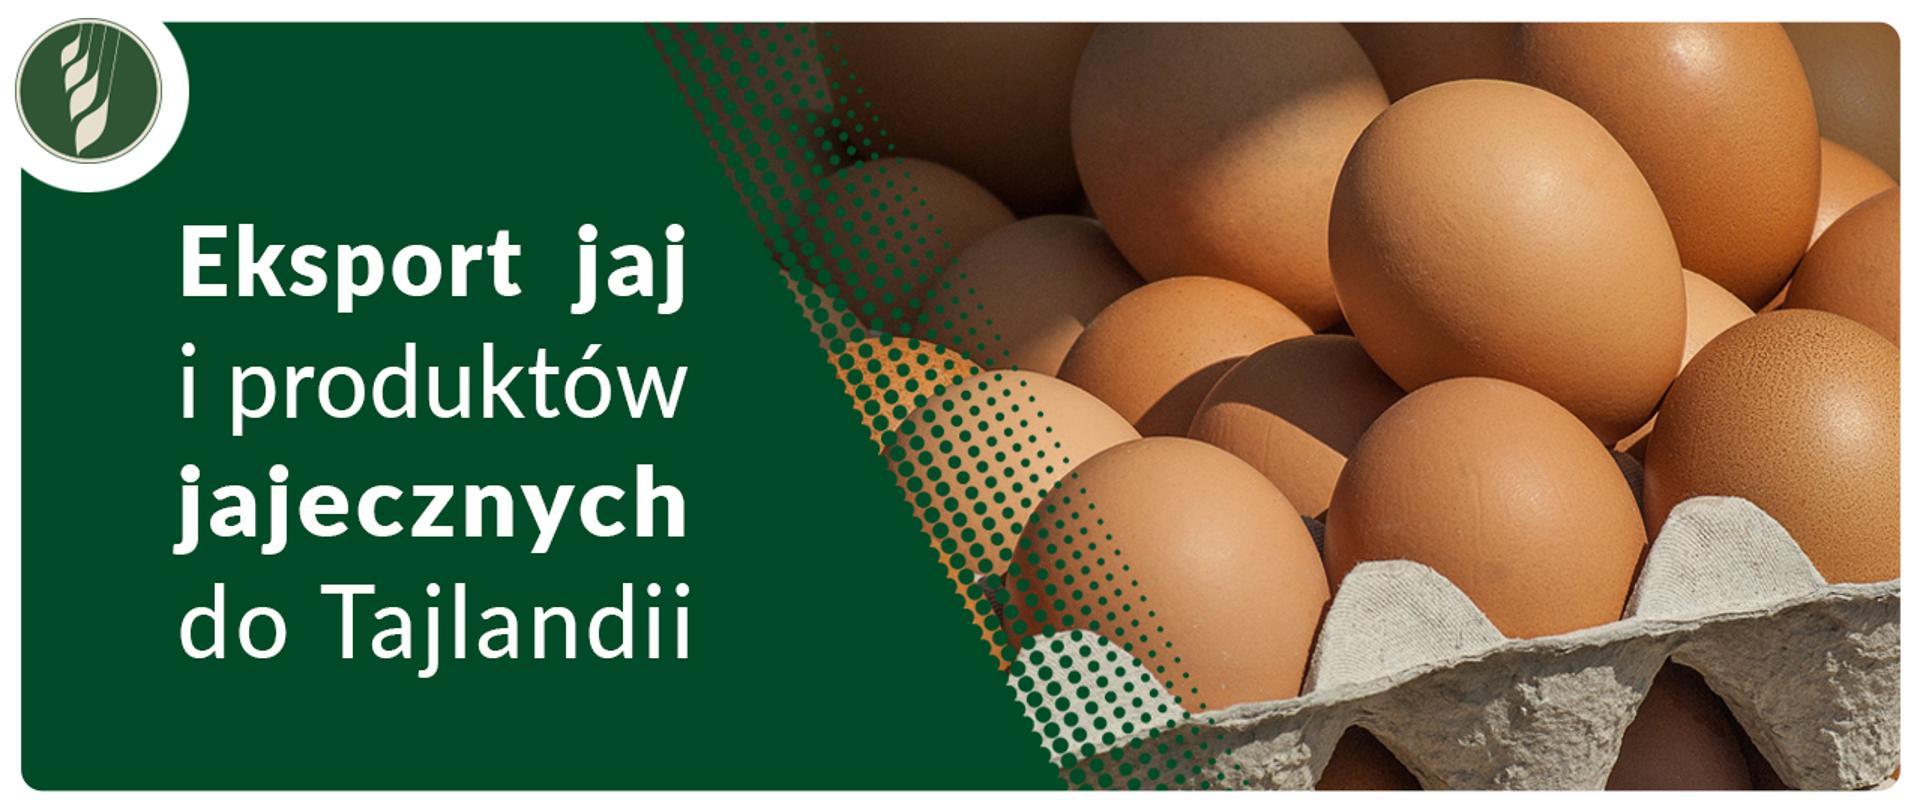 Eksport jaj i produktów jajecznych do Tajlandii